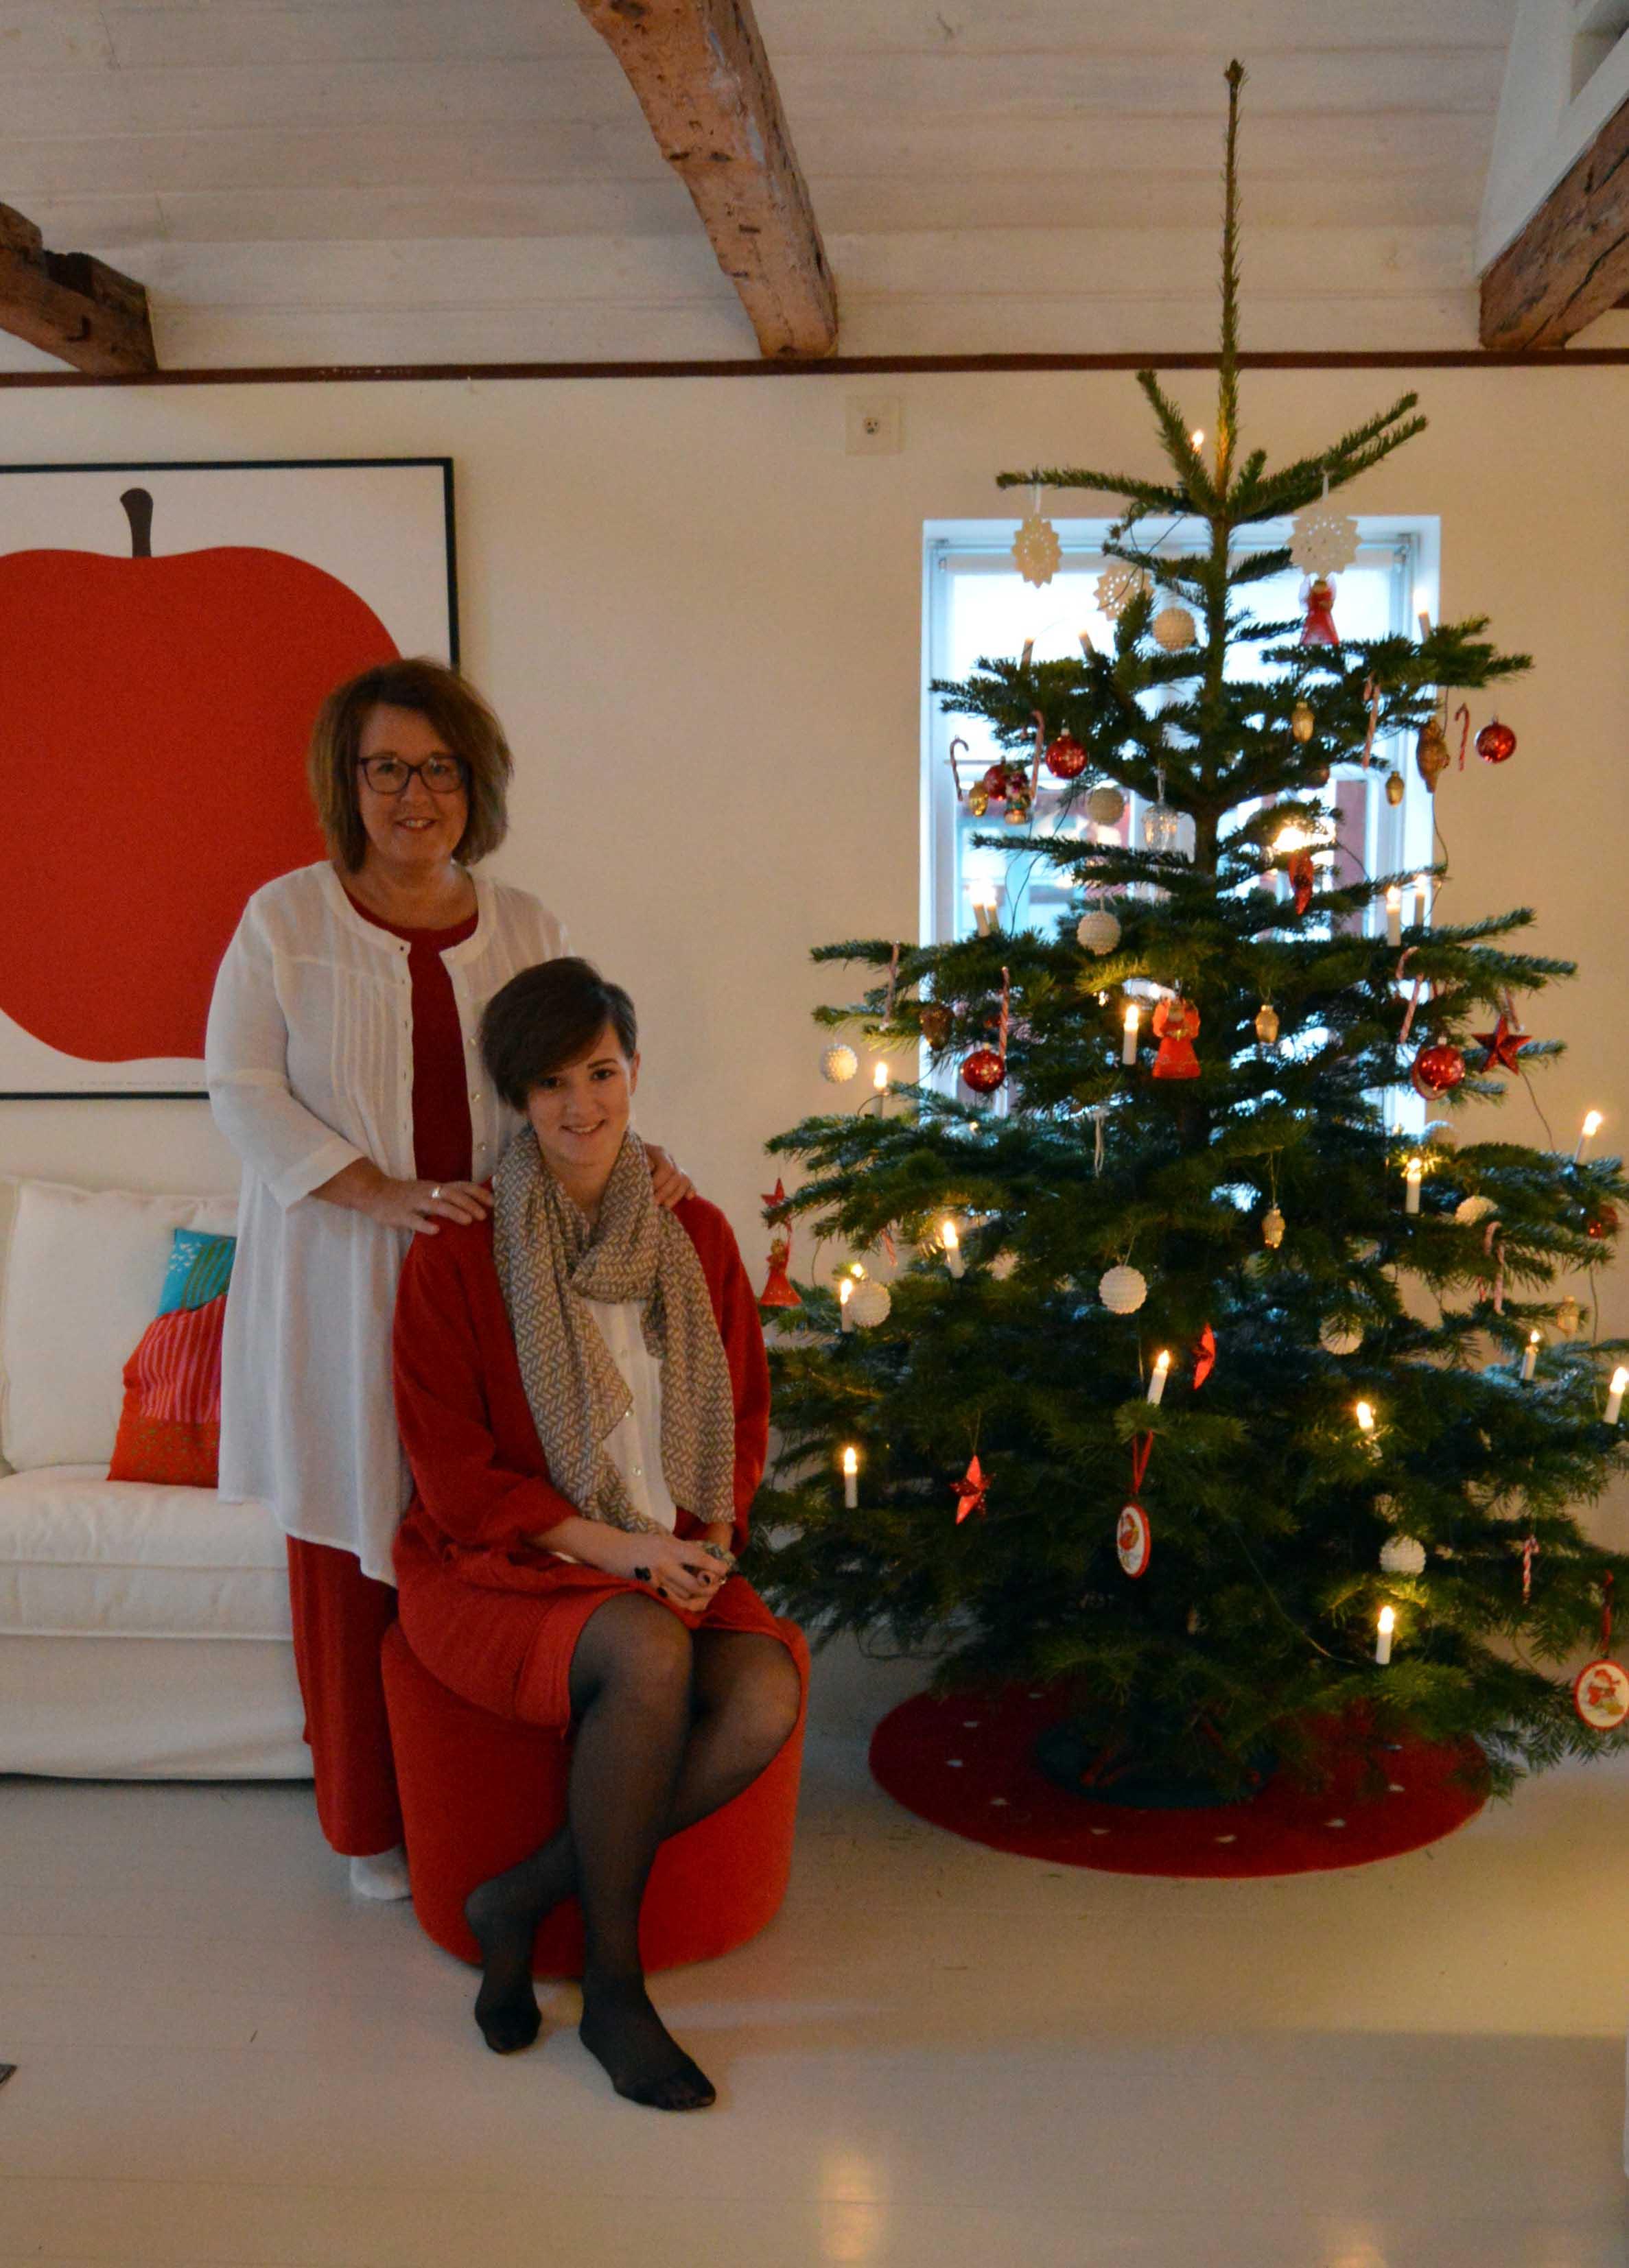 Granen och vi är klädda och redo för julafton. God jul!